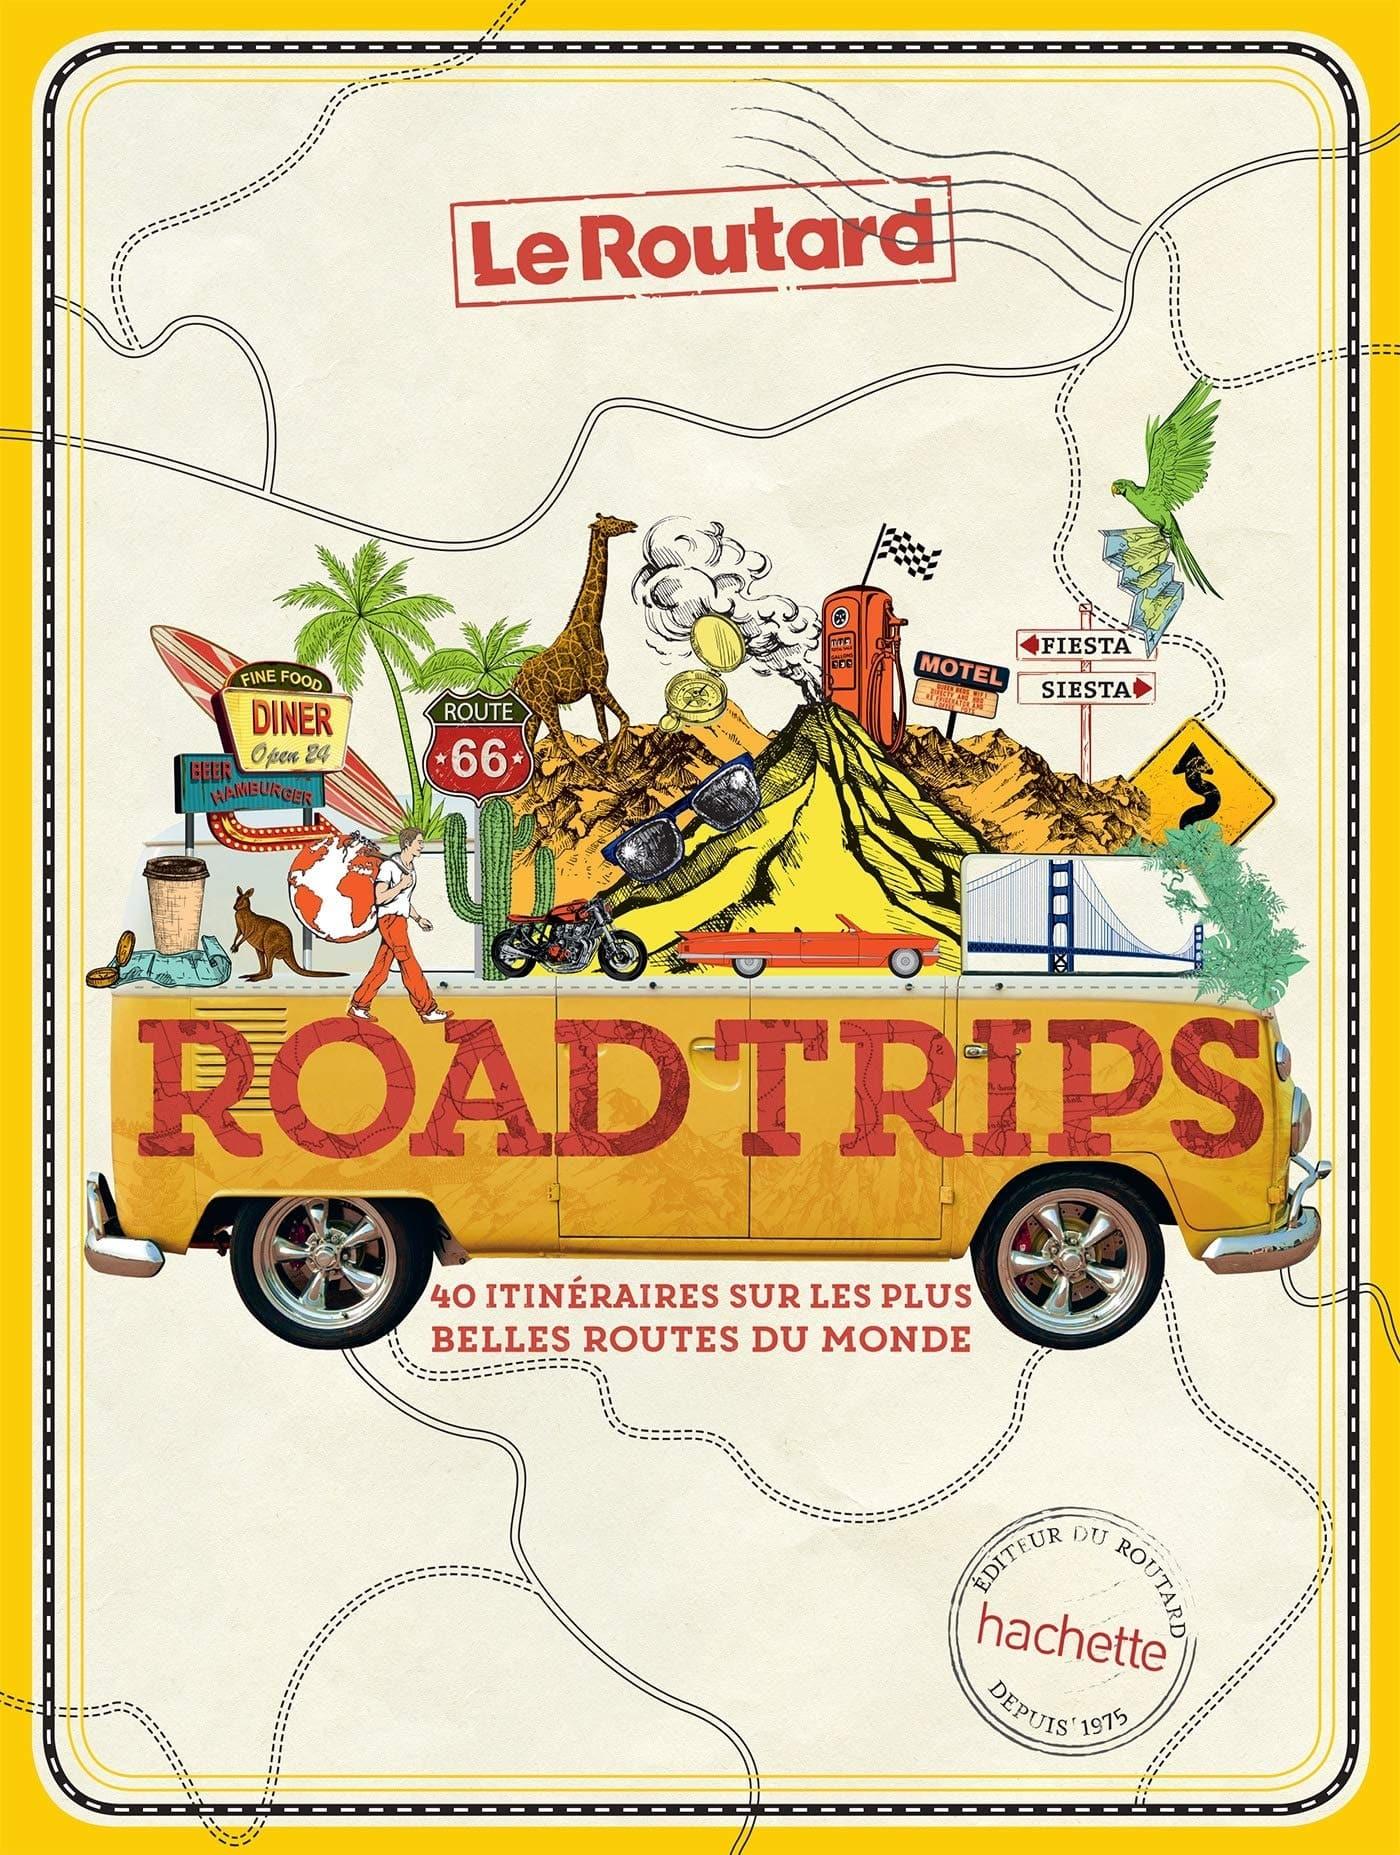 Road Trips: 40 itinéraires sur les plus belles routes du Monde